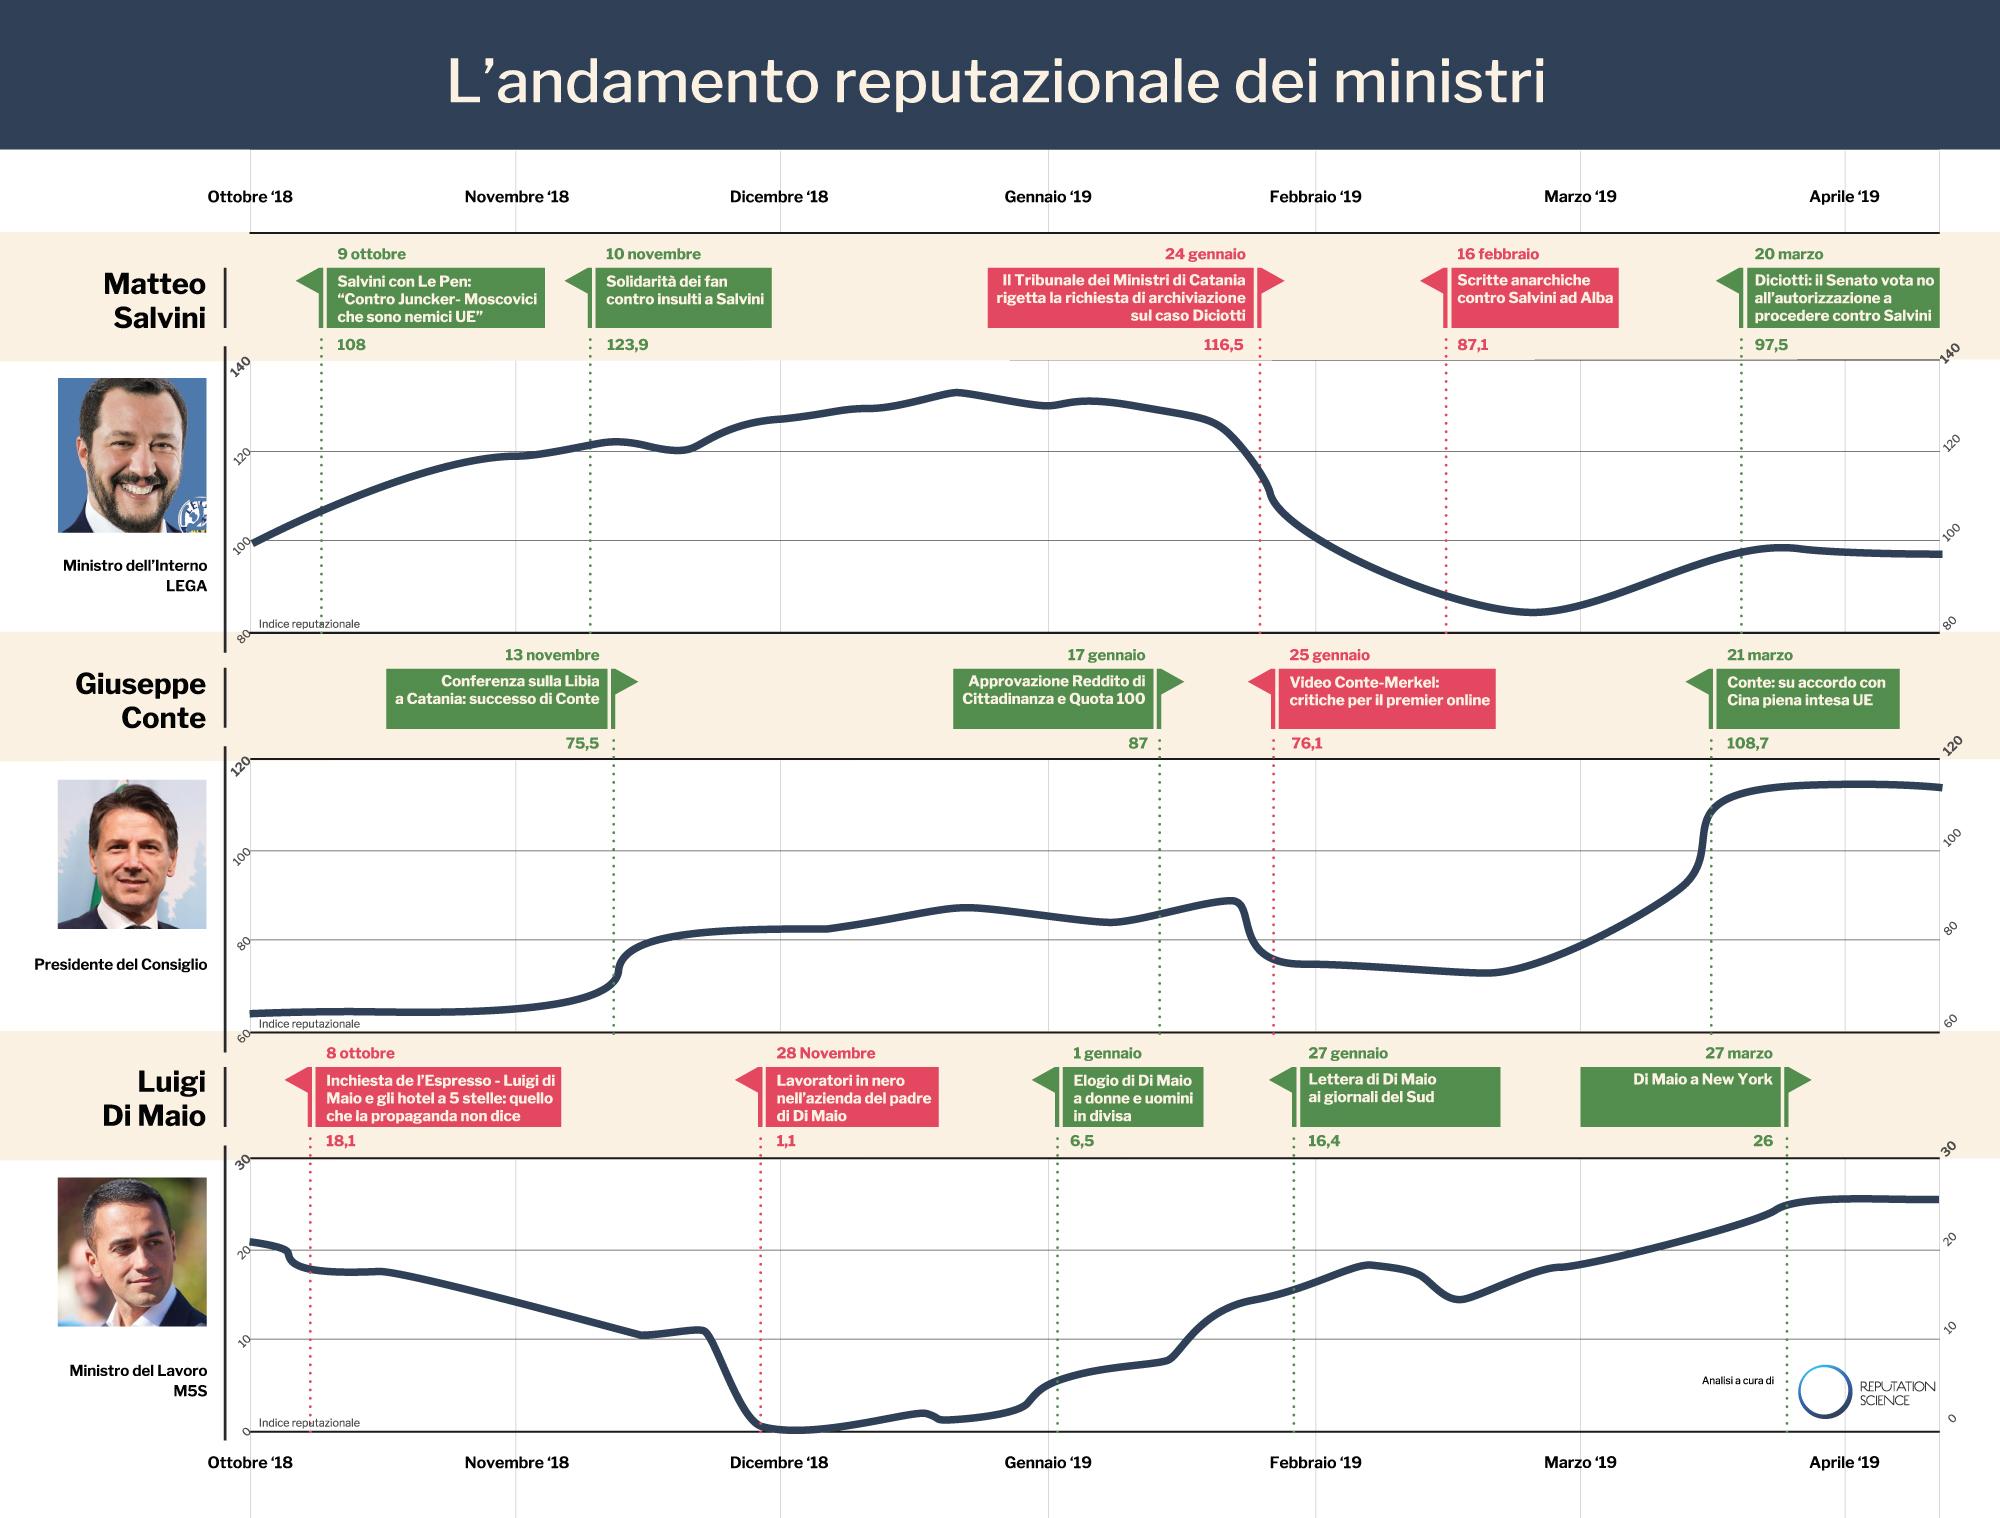 RS_Trend Reputazione_Salivini-Conte-Dimaio